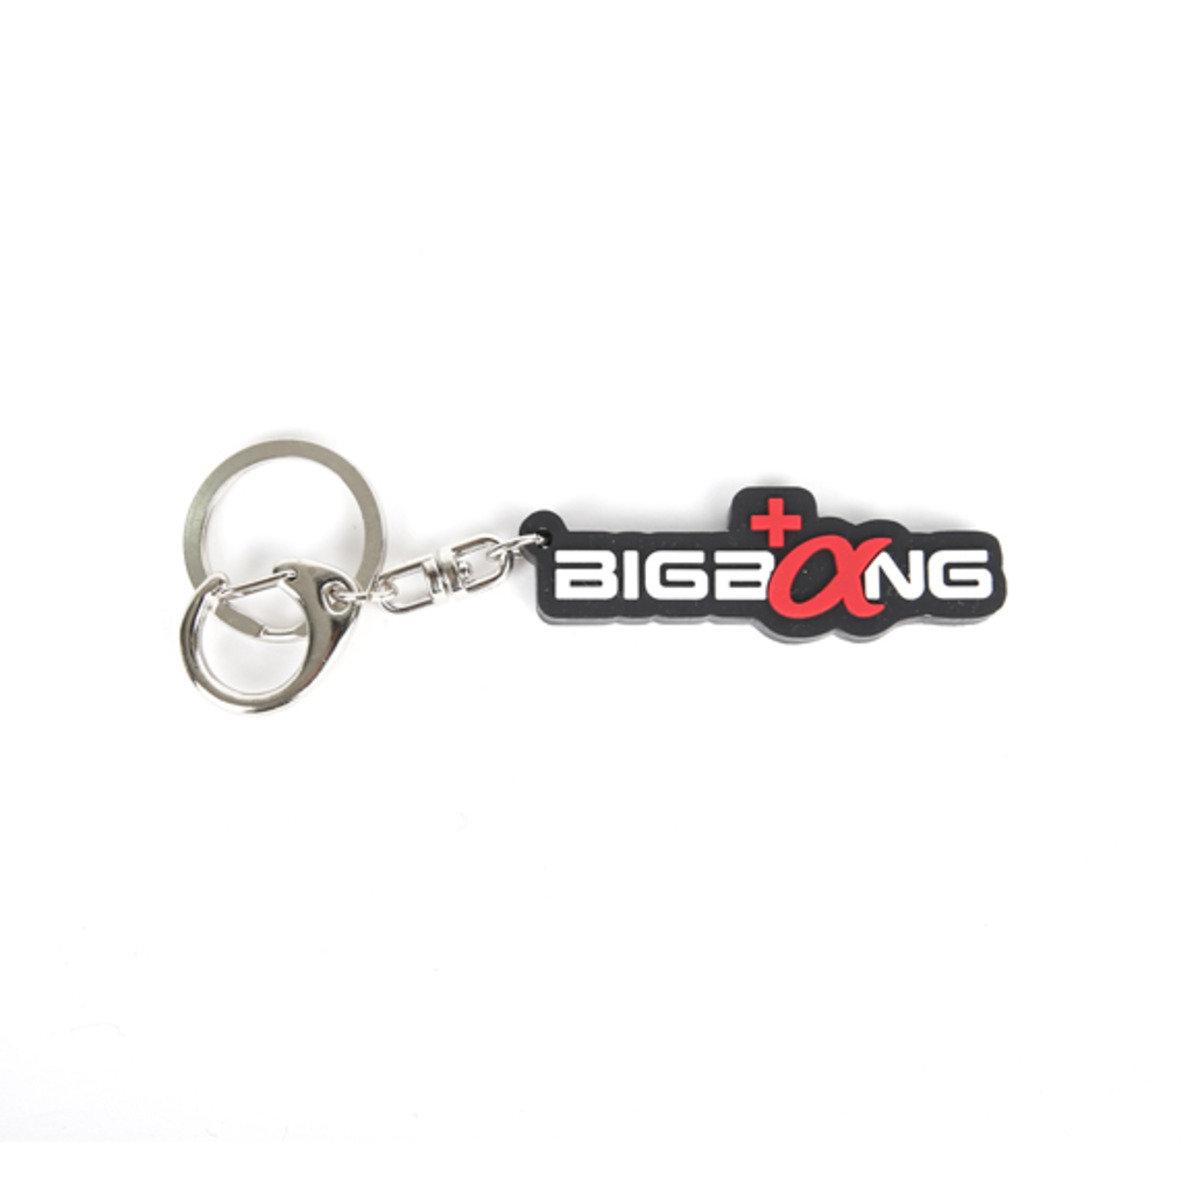 BIGBANG +a 鑰匙圈(限量版) _48296